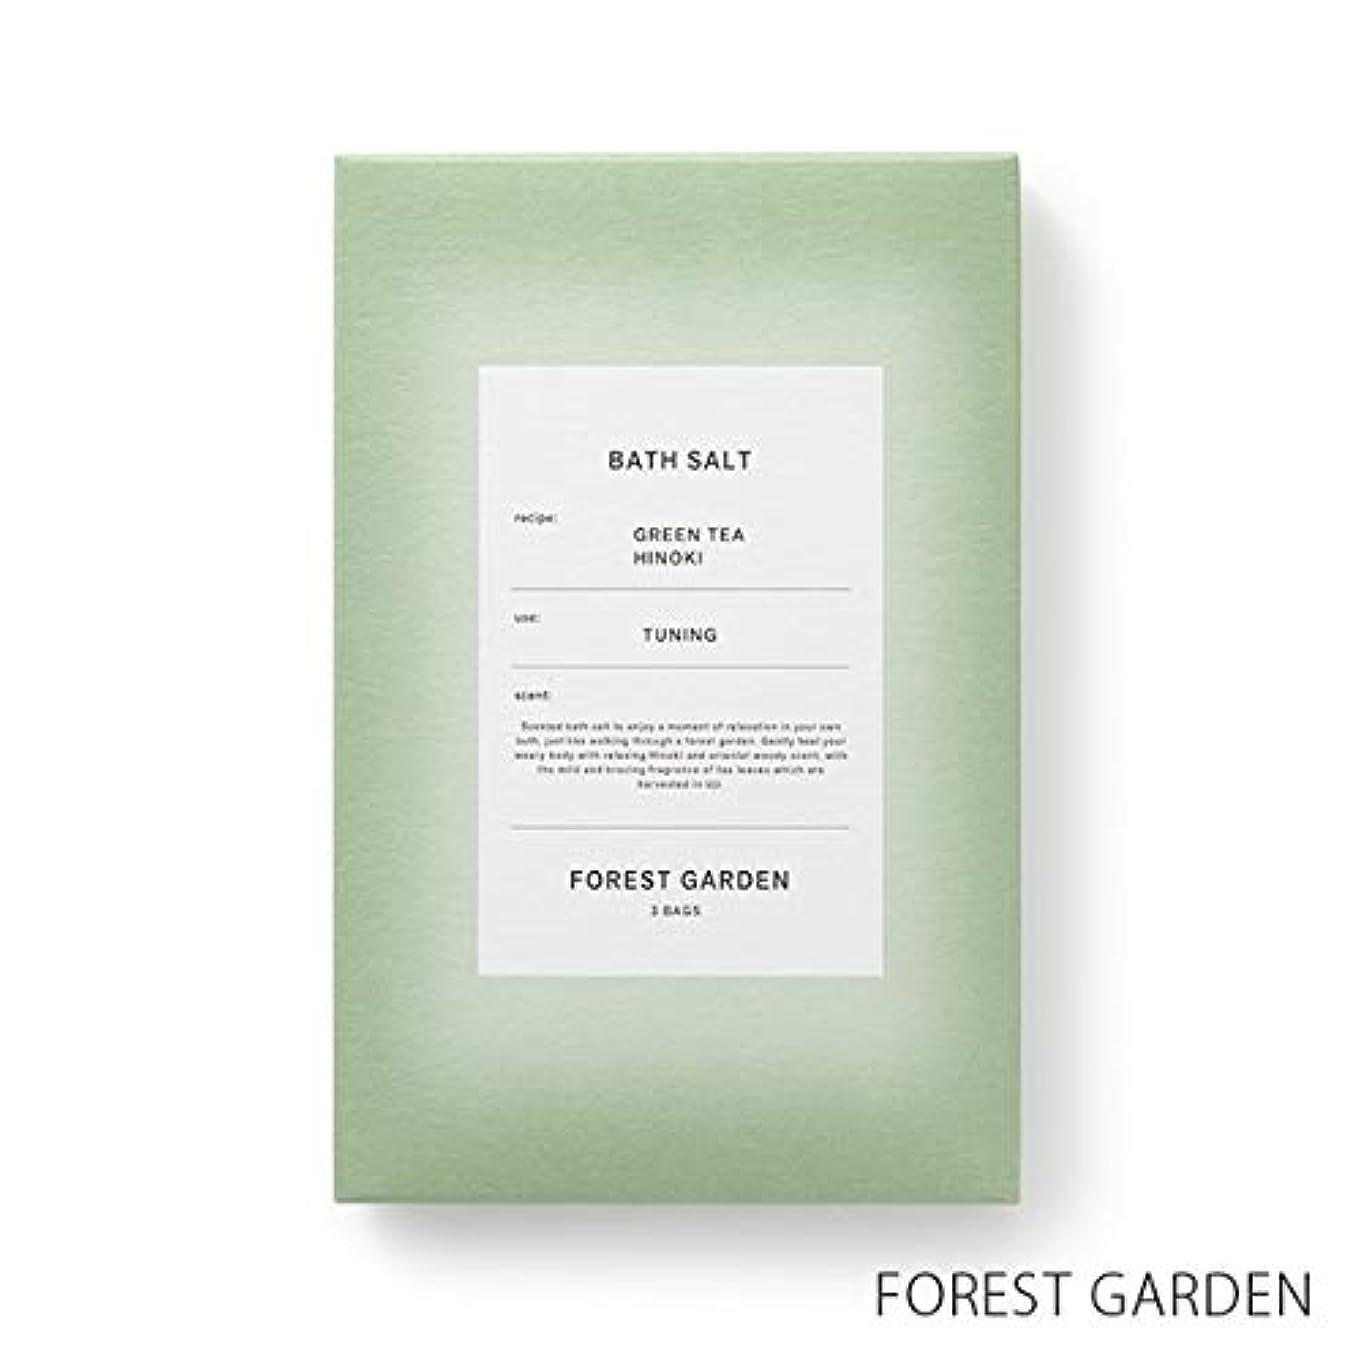 コンピューター排他的誇張【薫玉堂】 バスソルト FOREST GARDEN 森の庭 緑 和 宇治茶の香り